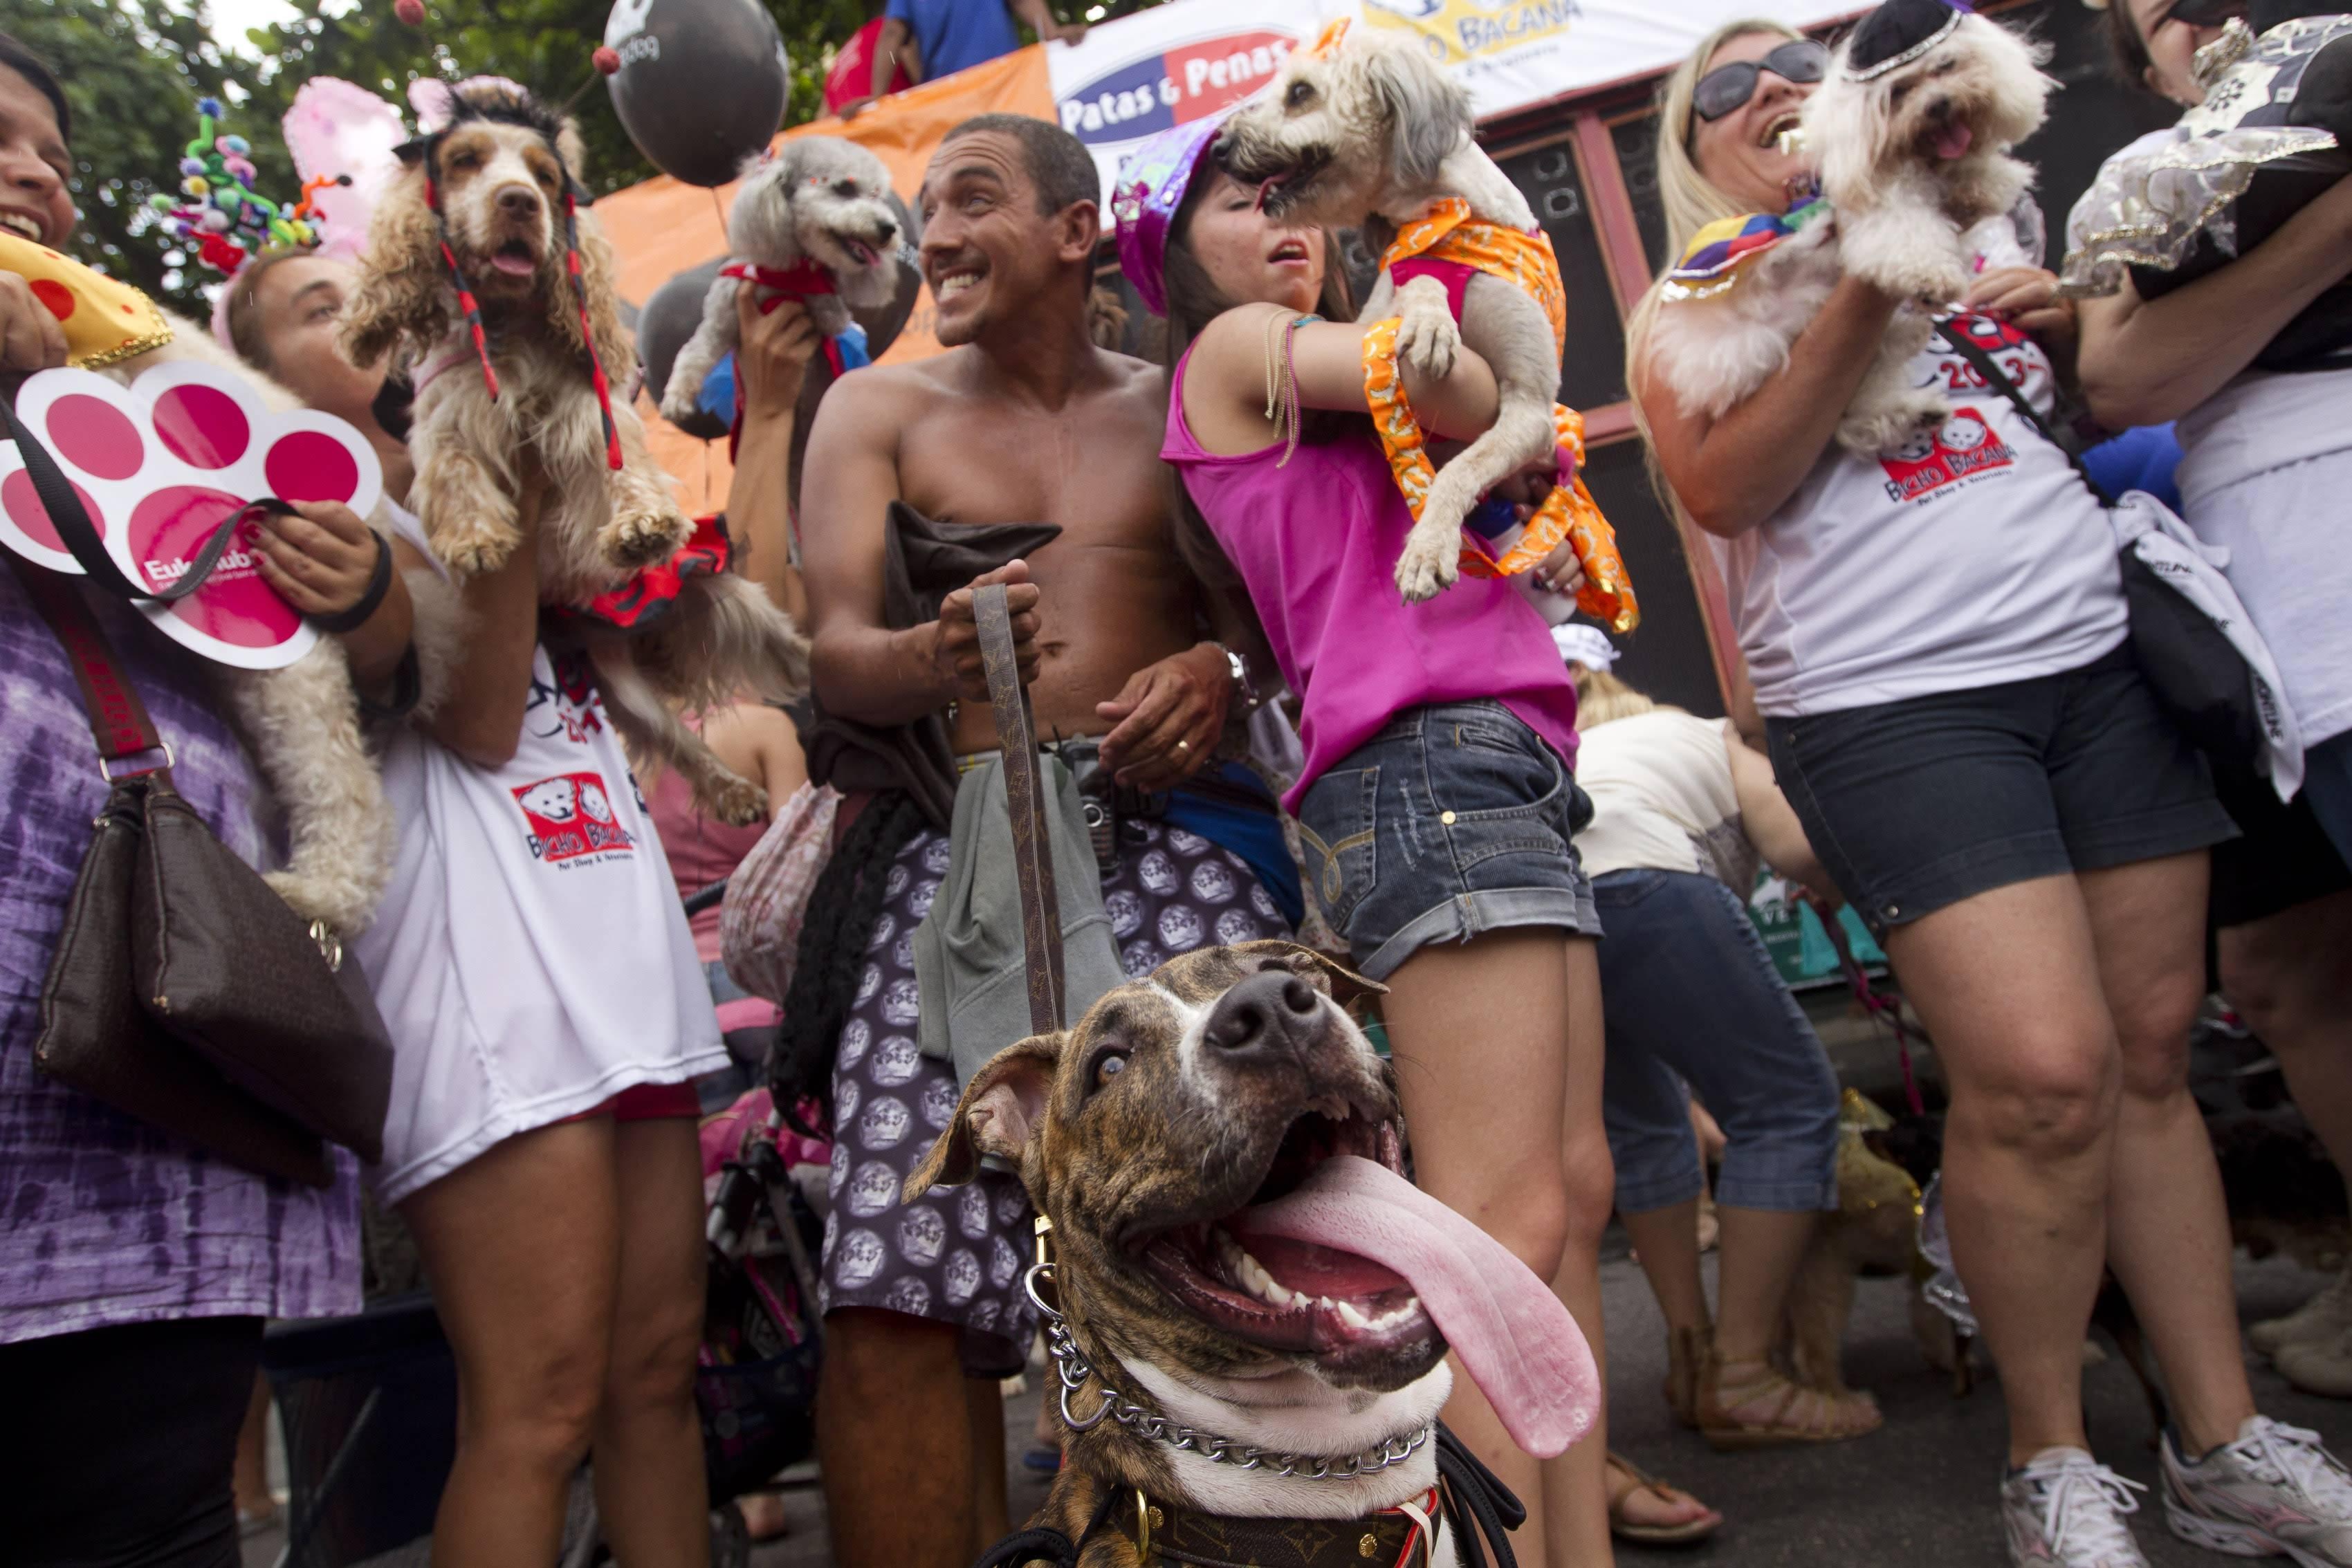 Карнавал в рио-де-жанейро, билеты на карнавал, транспорт, размещение